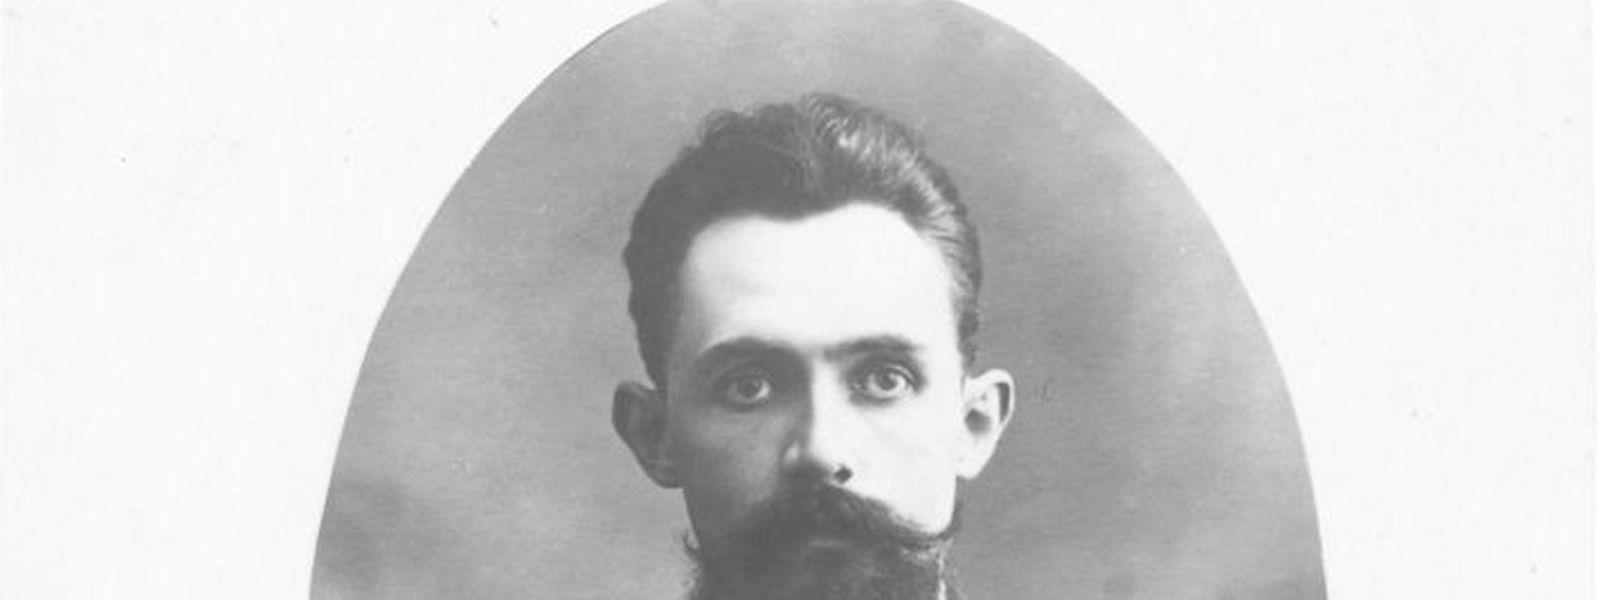 Albert Schergen. Dieses Bild wurde vermutlich kurz vor seinem Tod aufgenommen.